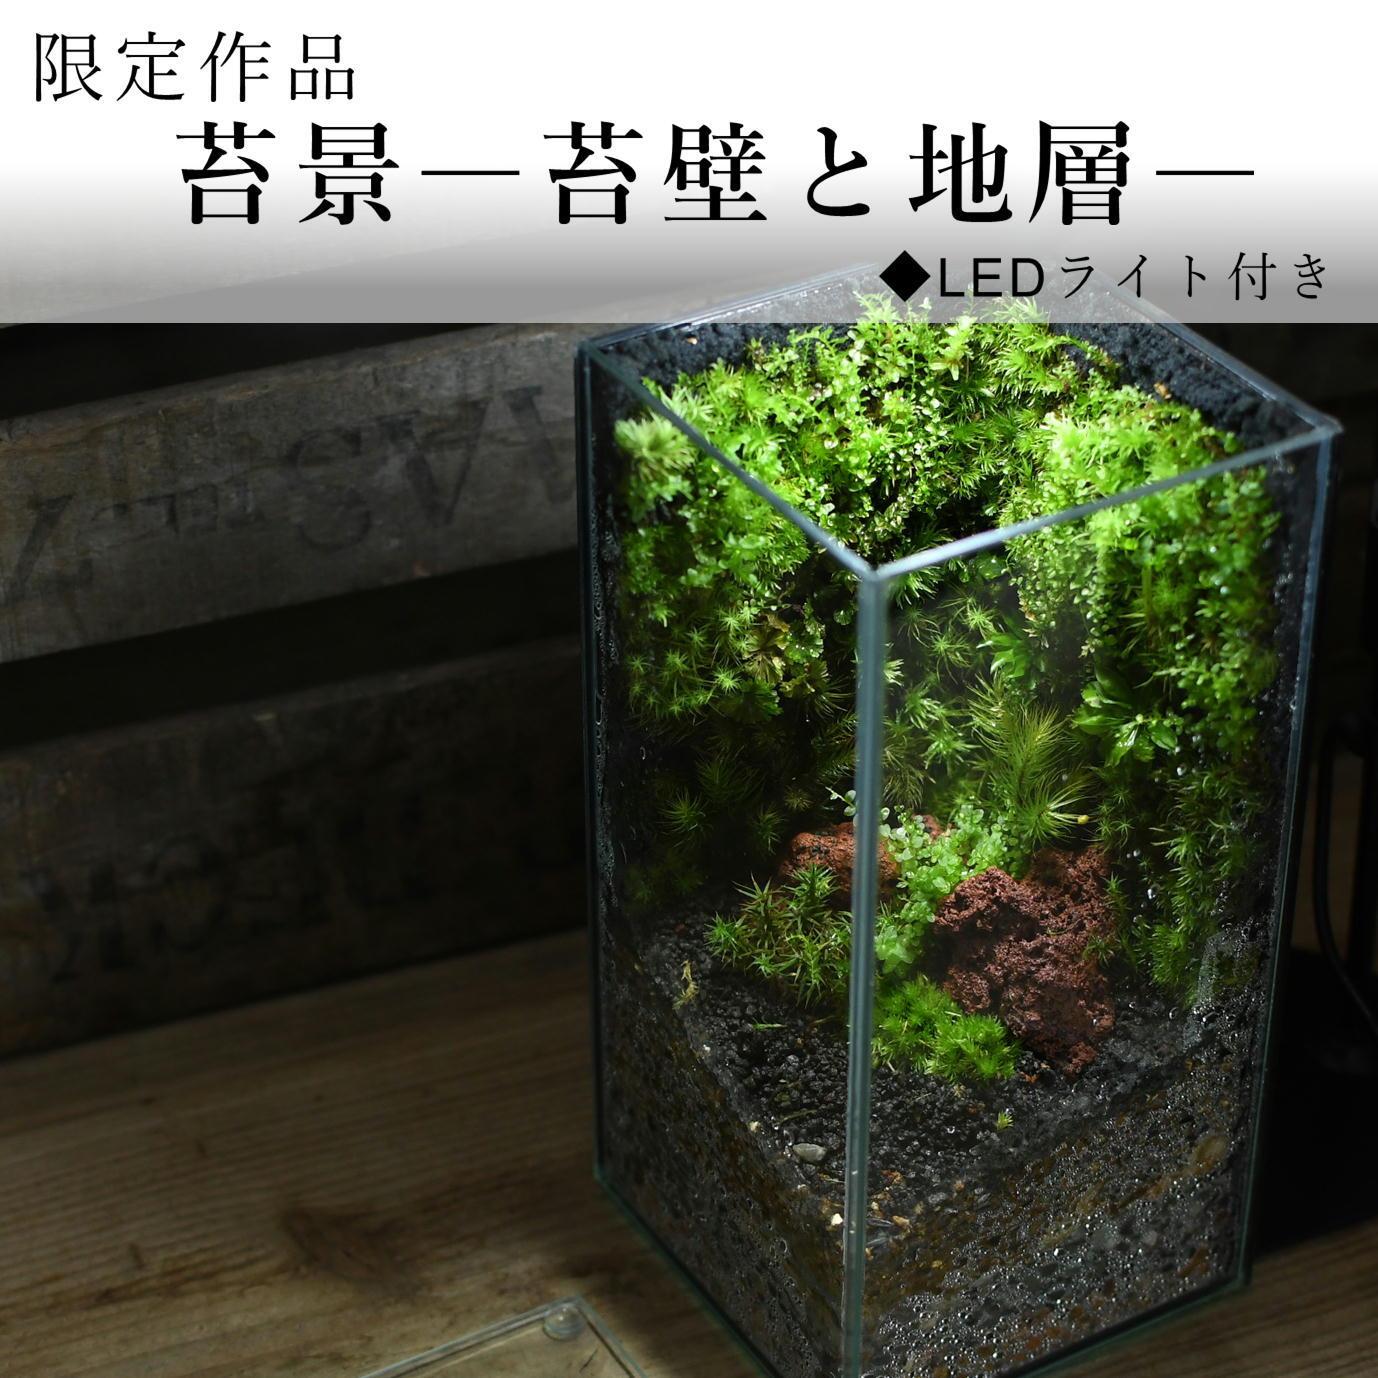 苔景−苔壁と地層−【苔テラリウム・現物限定販売】◆LEDライト付き 2021.4.23#3